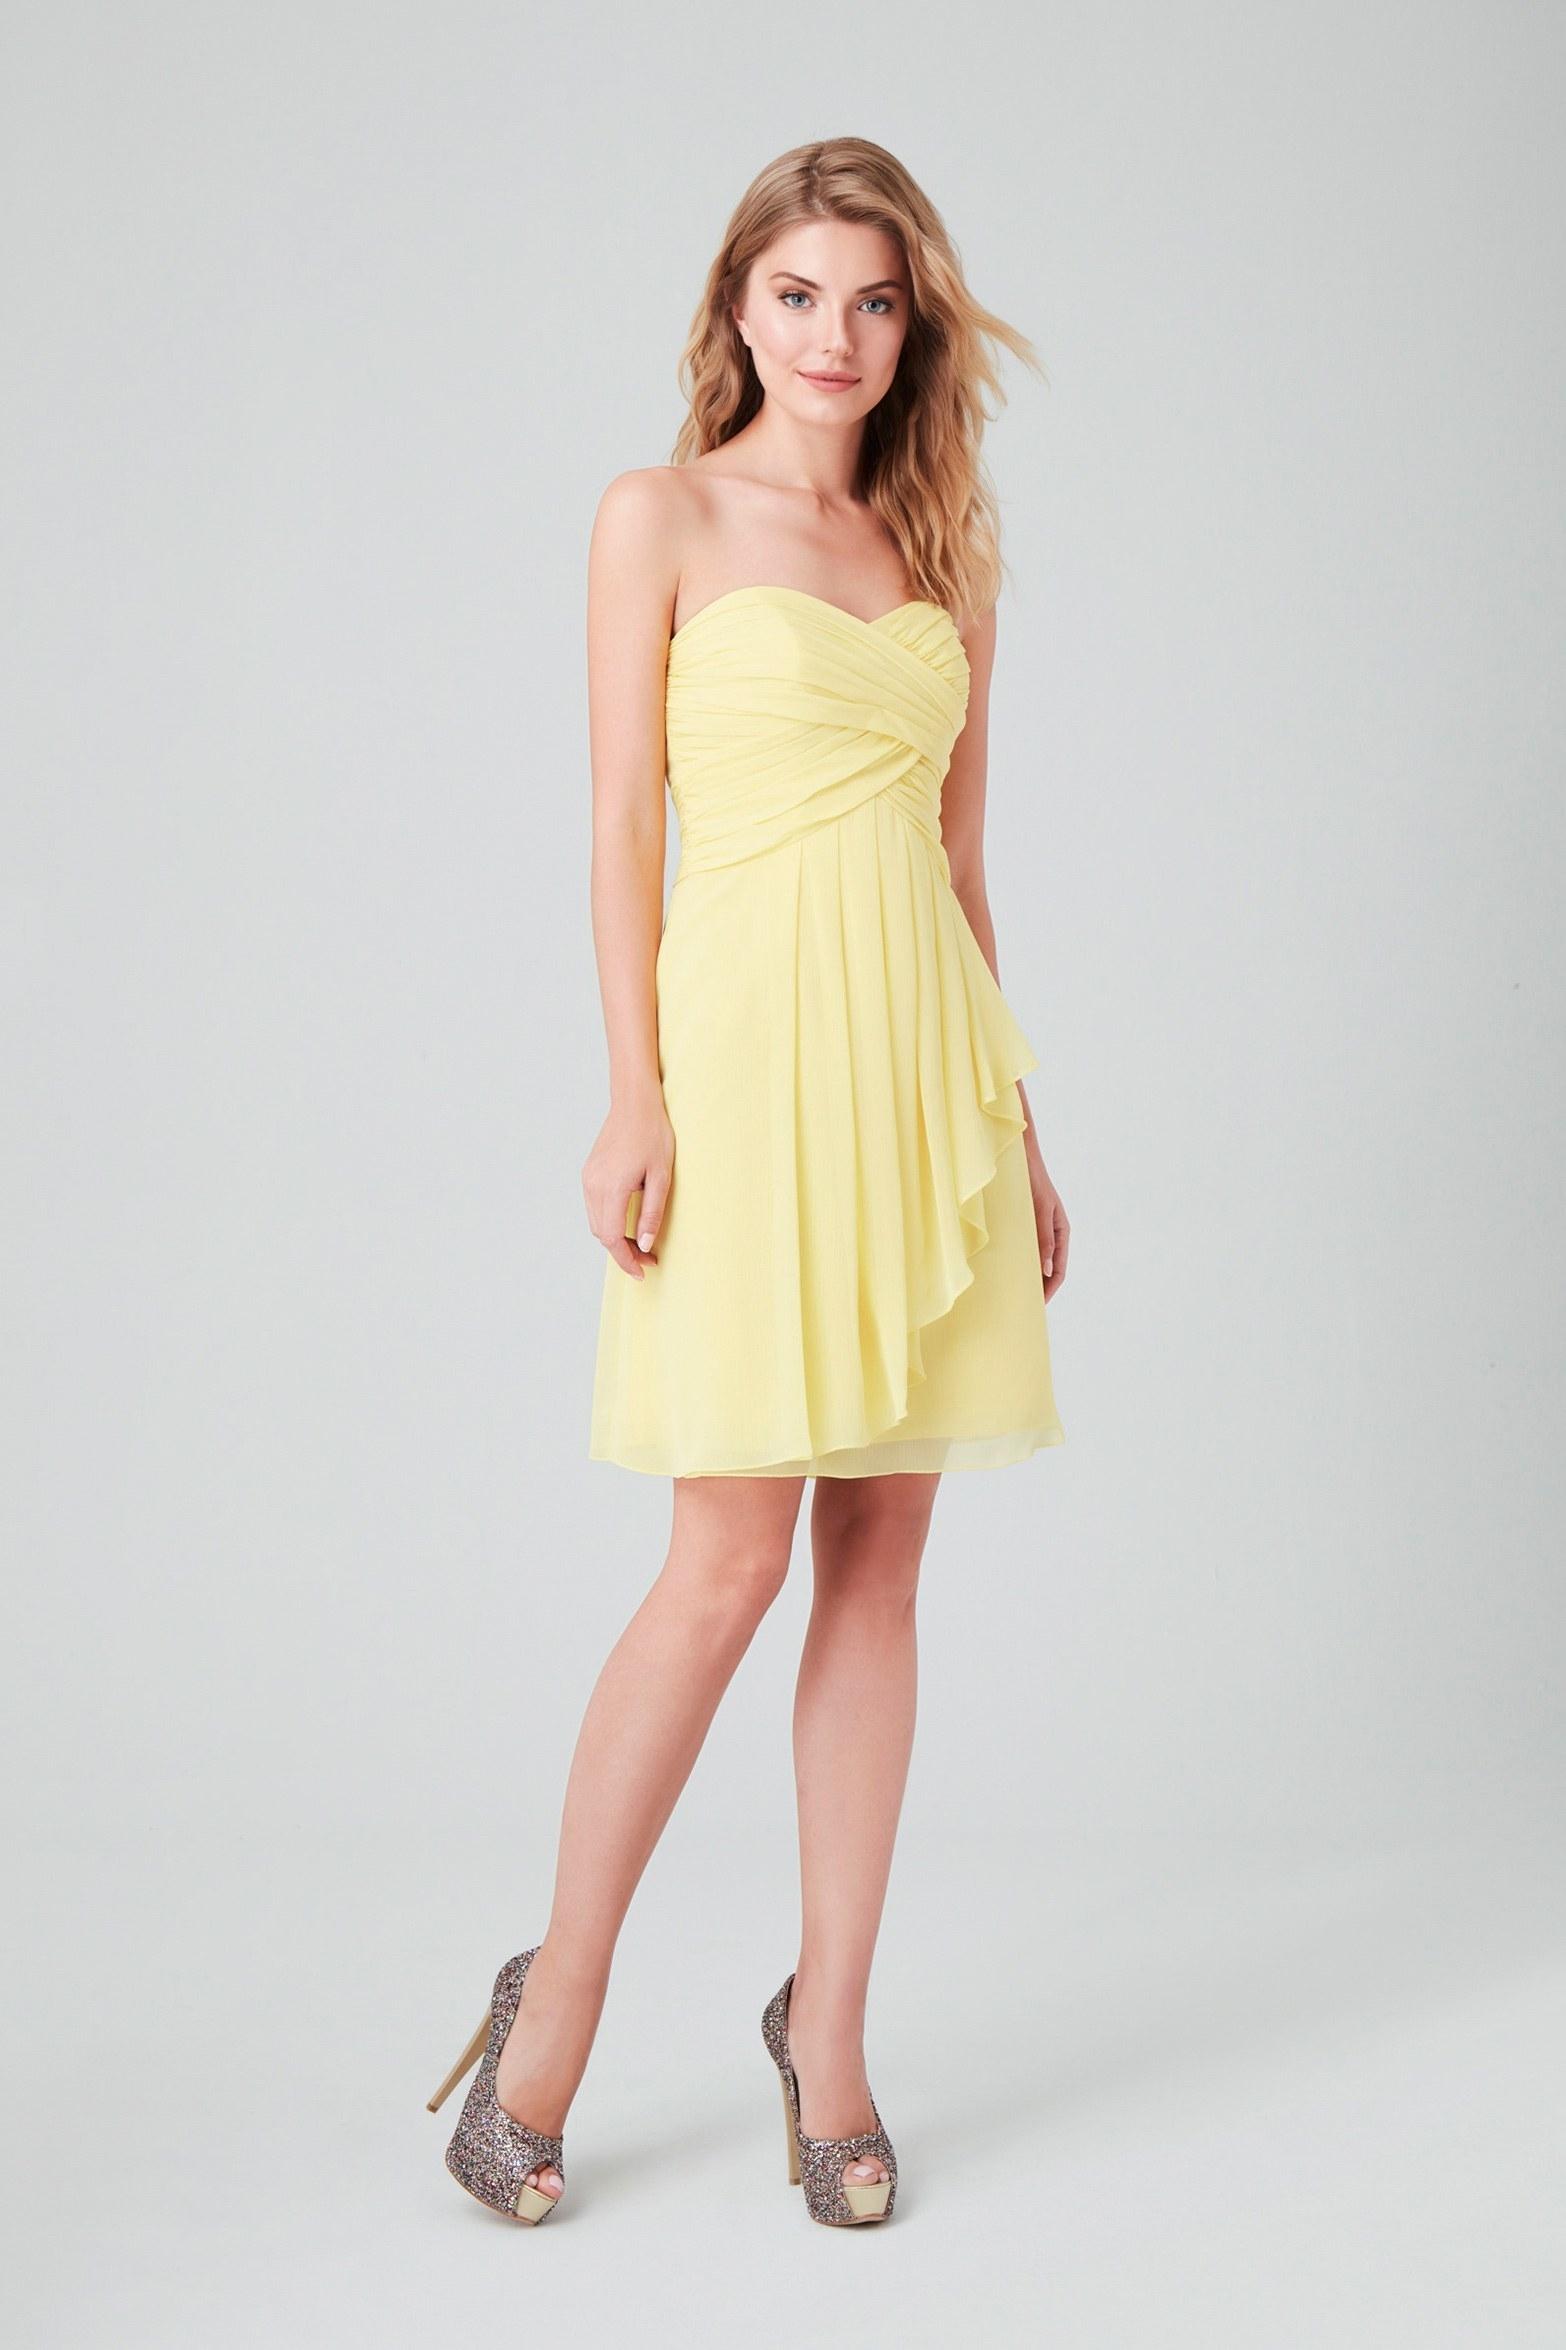 Sarı Drape Yaka Straplez Şifon Kısa Abiye Elbise - Thumbnail